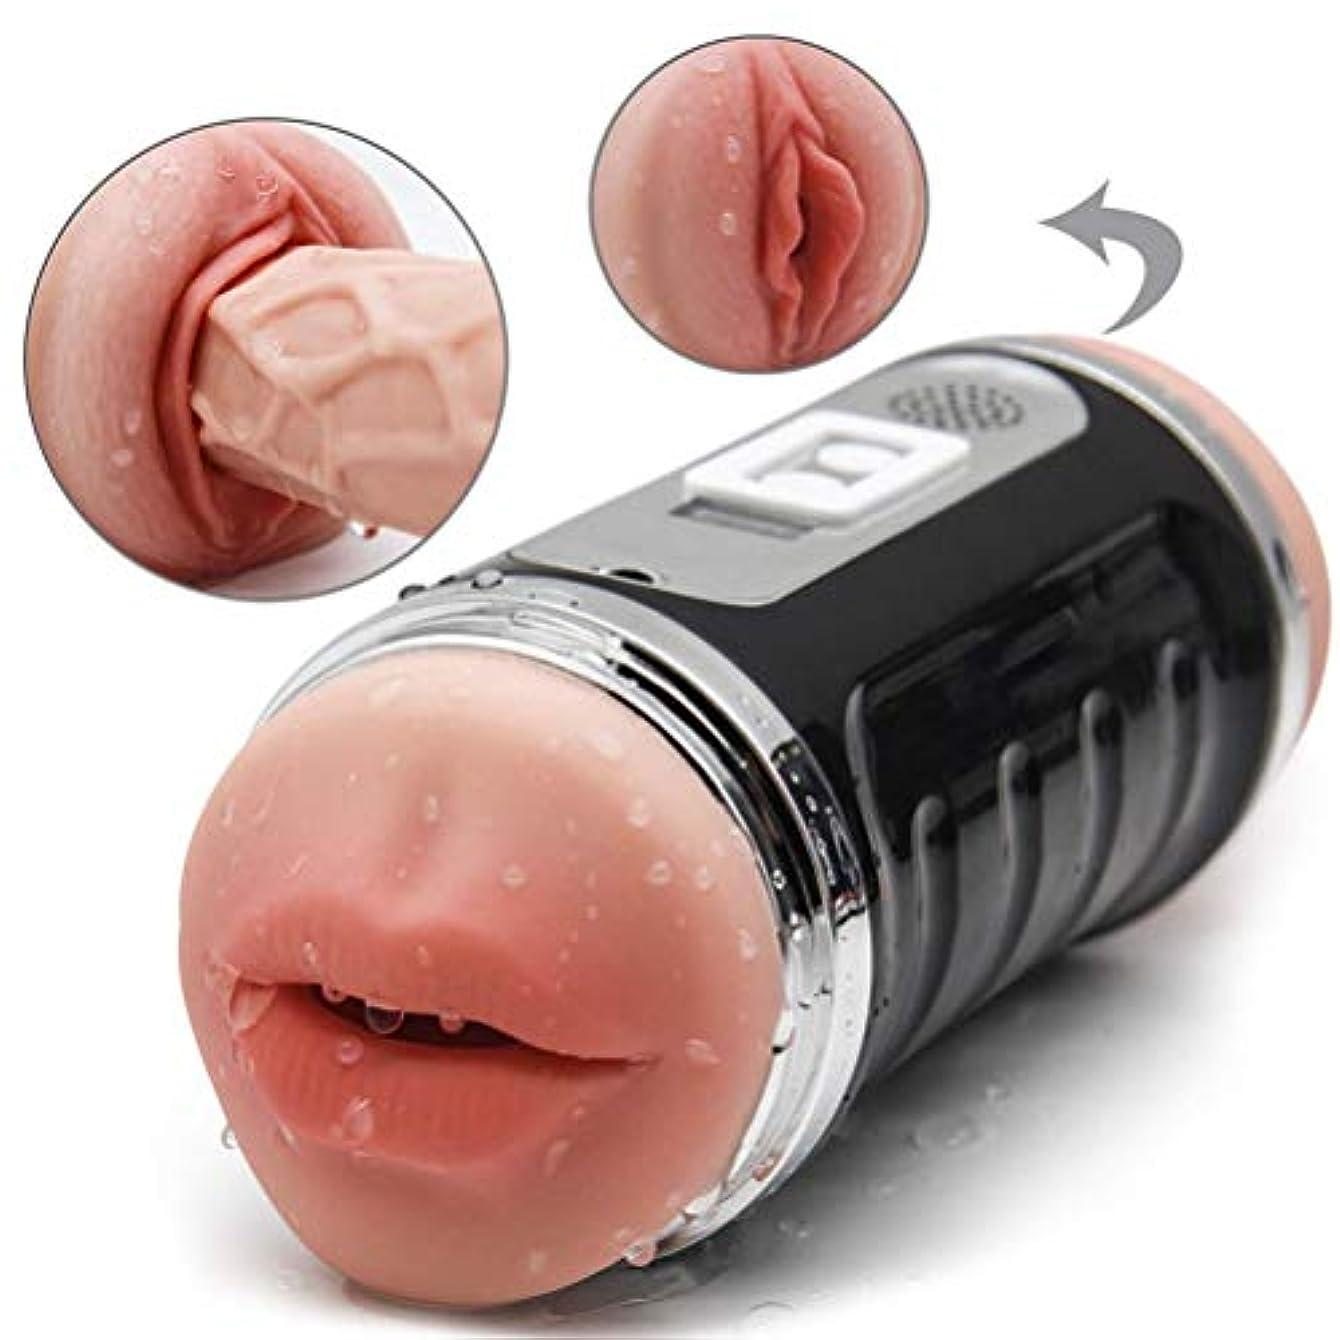 世界浴室勧告2 1男吸いプッシーポケットに現実的なマッサージリラクゼーション自動男性鮮やかな遅延トレーナーカップルギフトフェラ